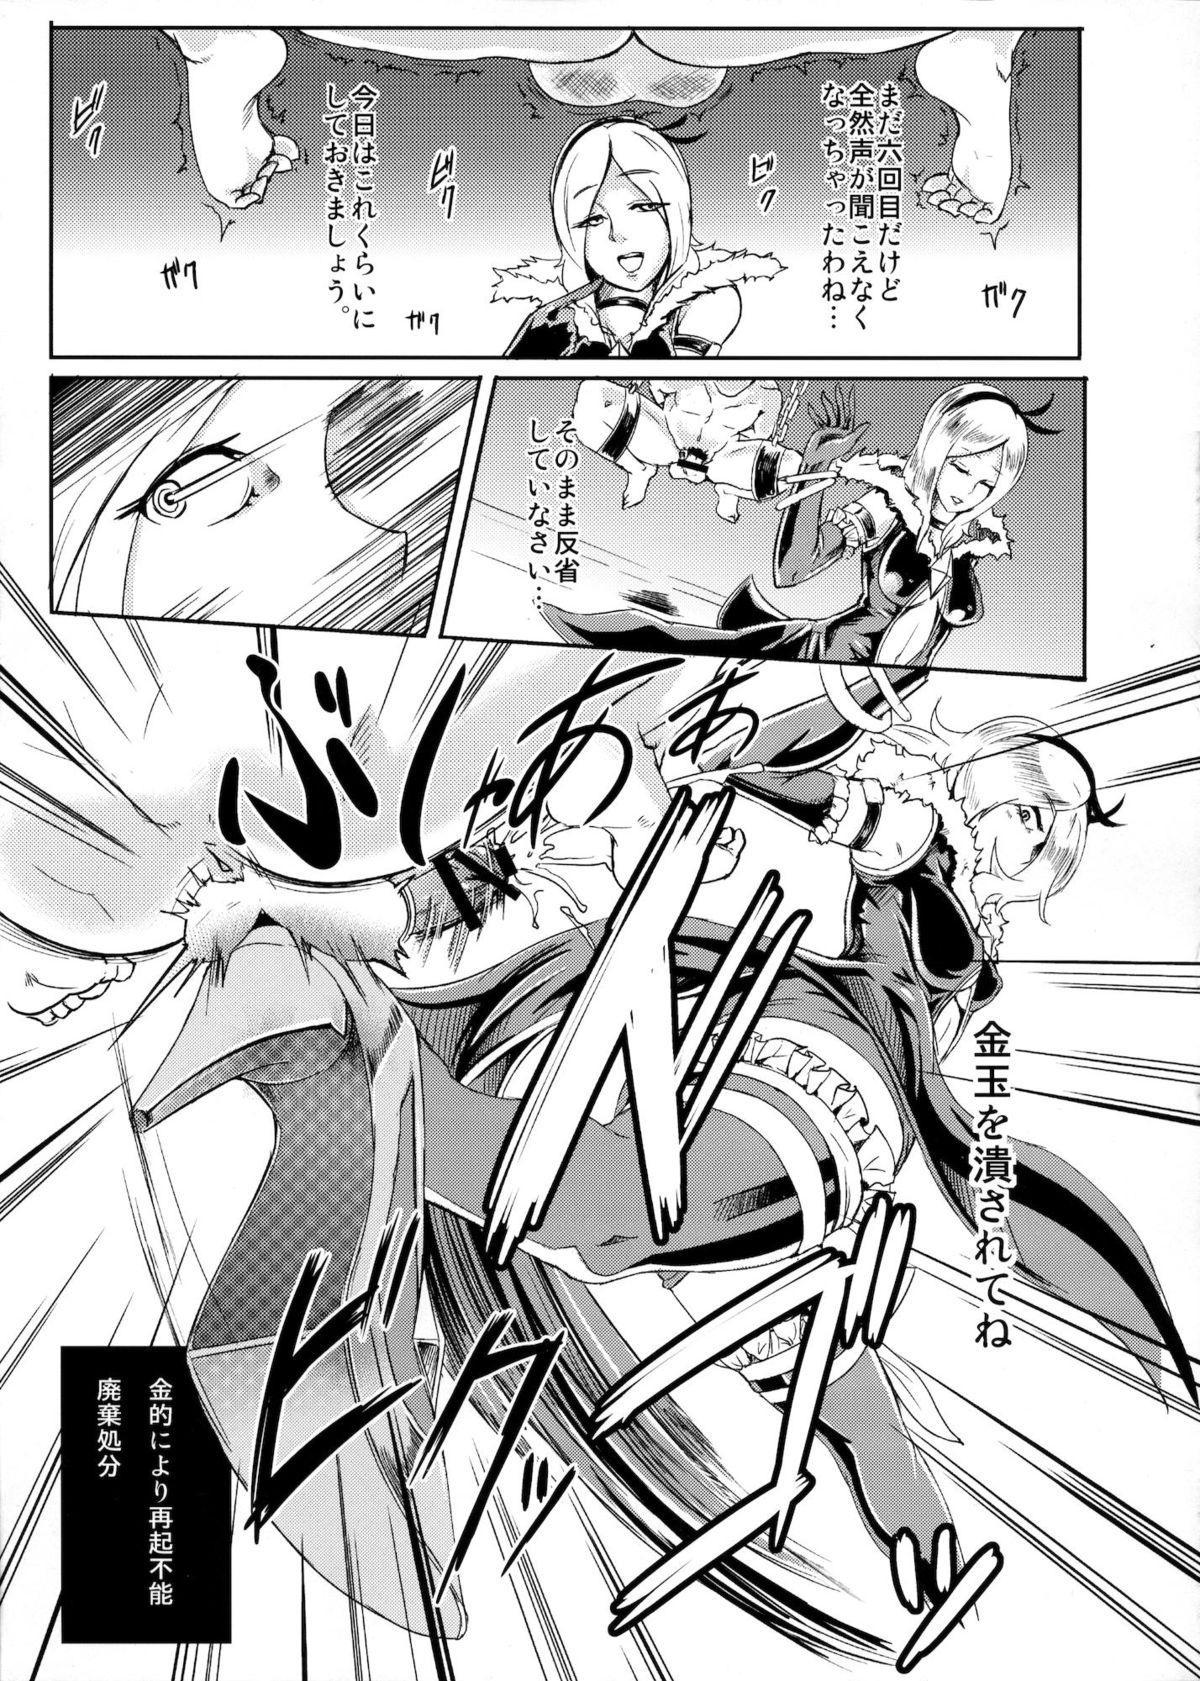 Eas-sama no Sakusei Jigoku 17